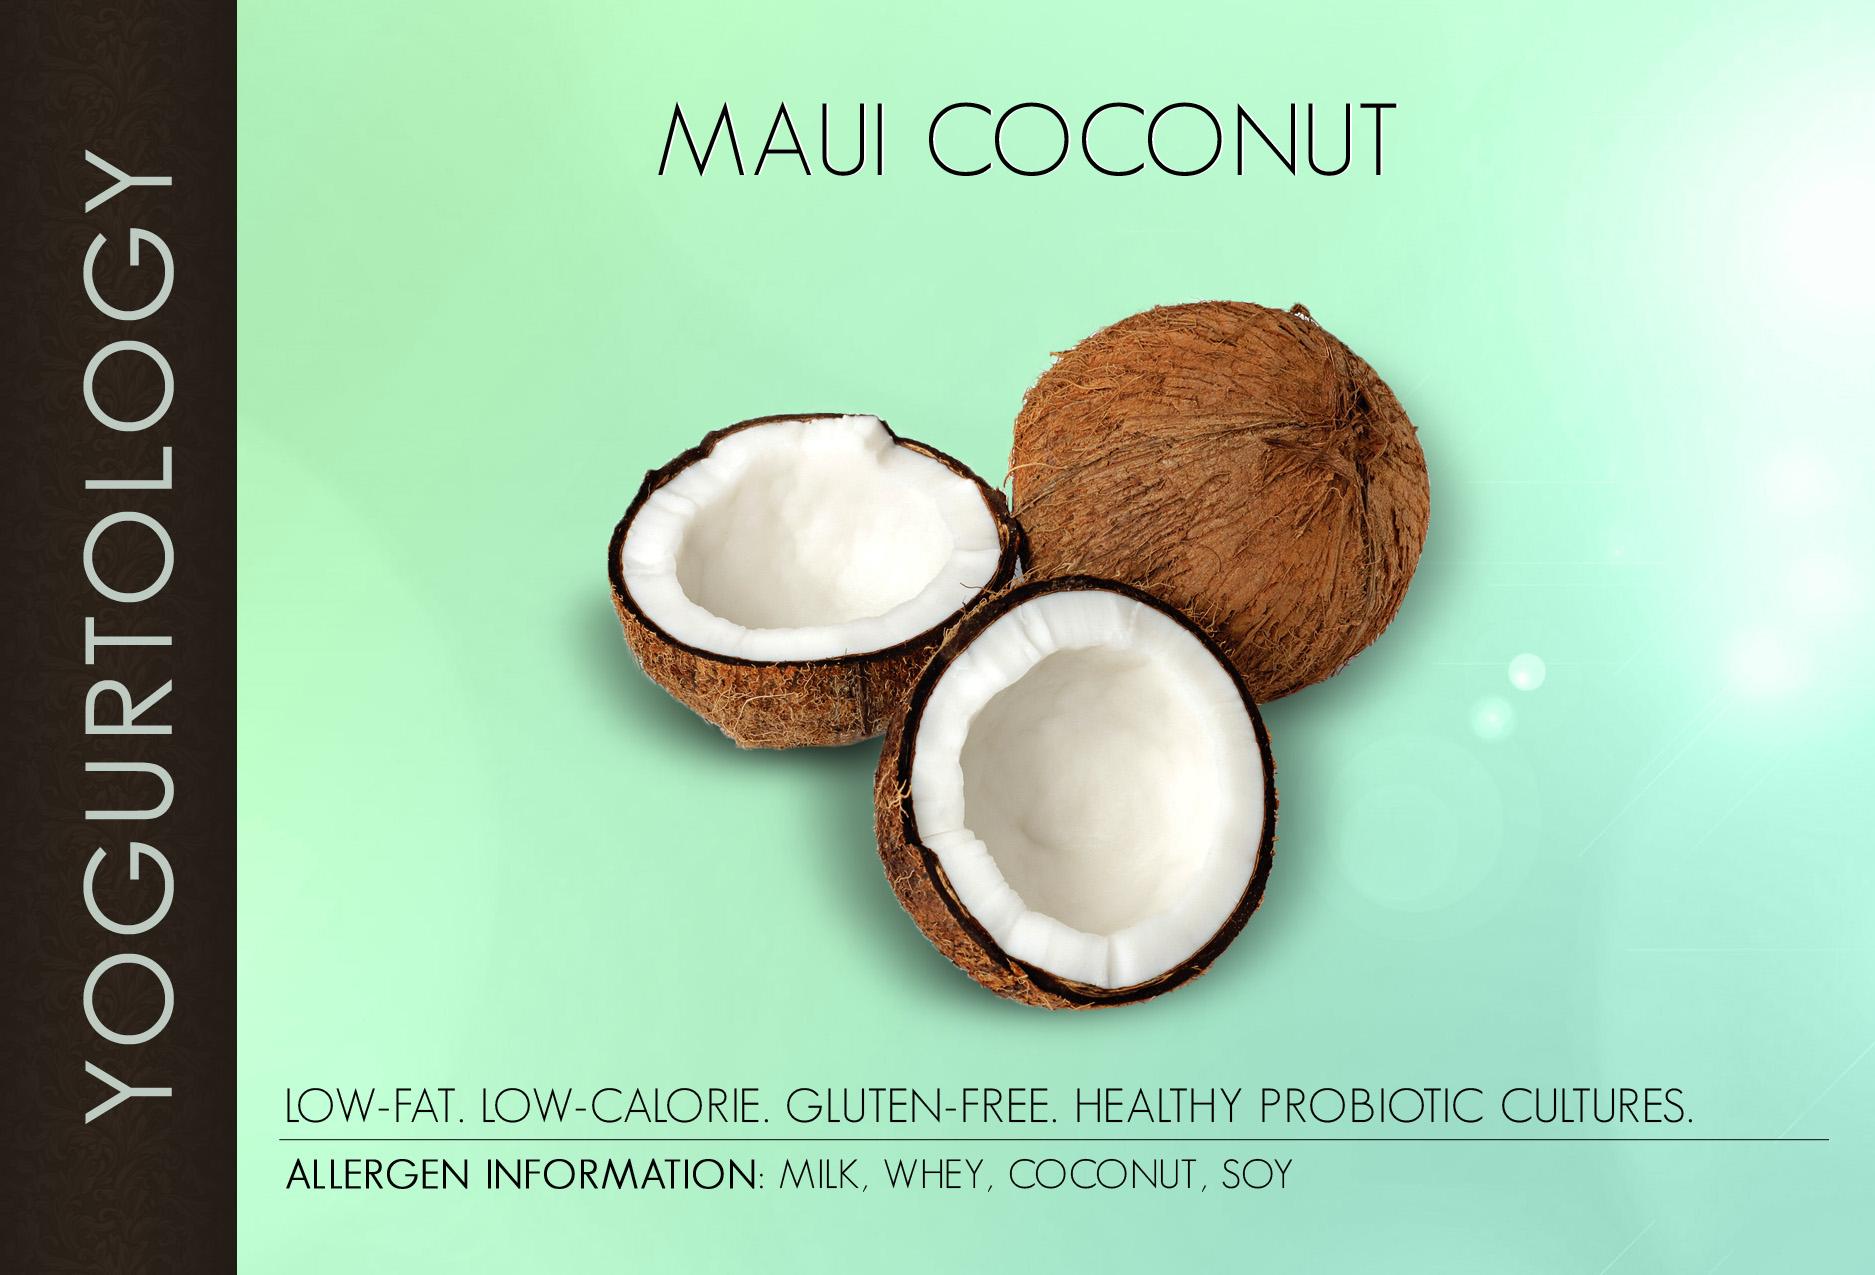 Maui Coconut